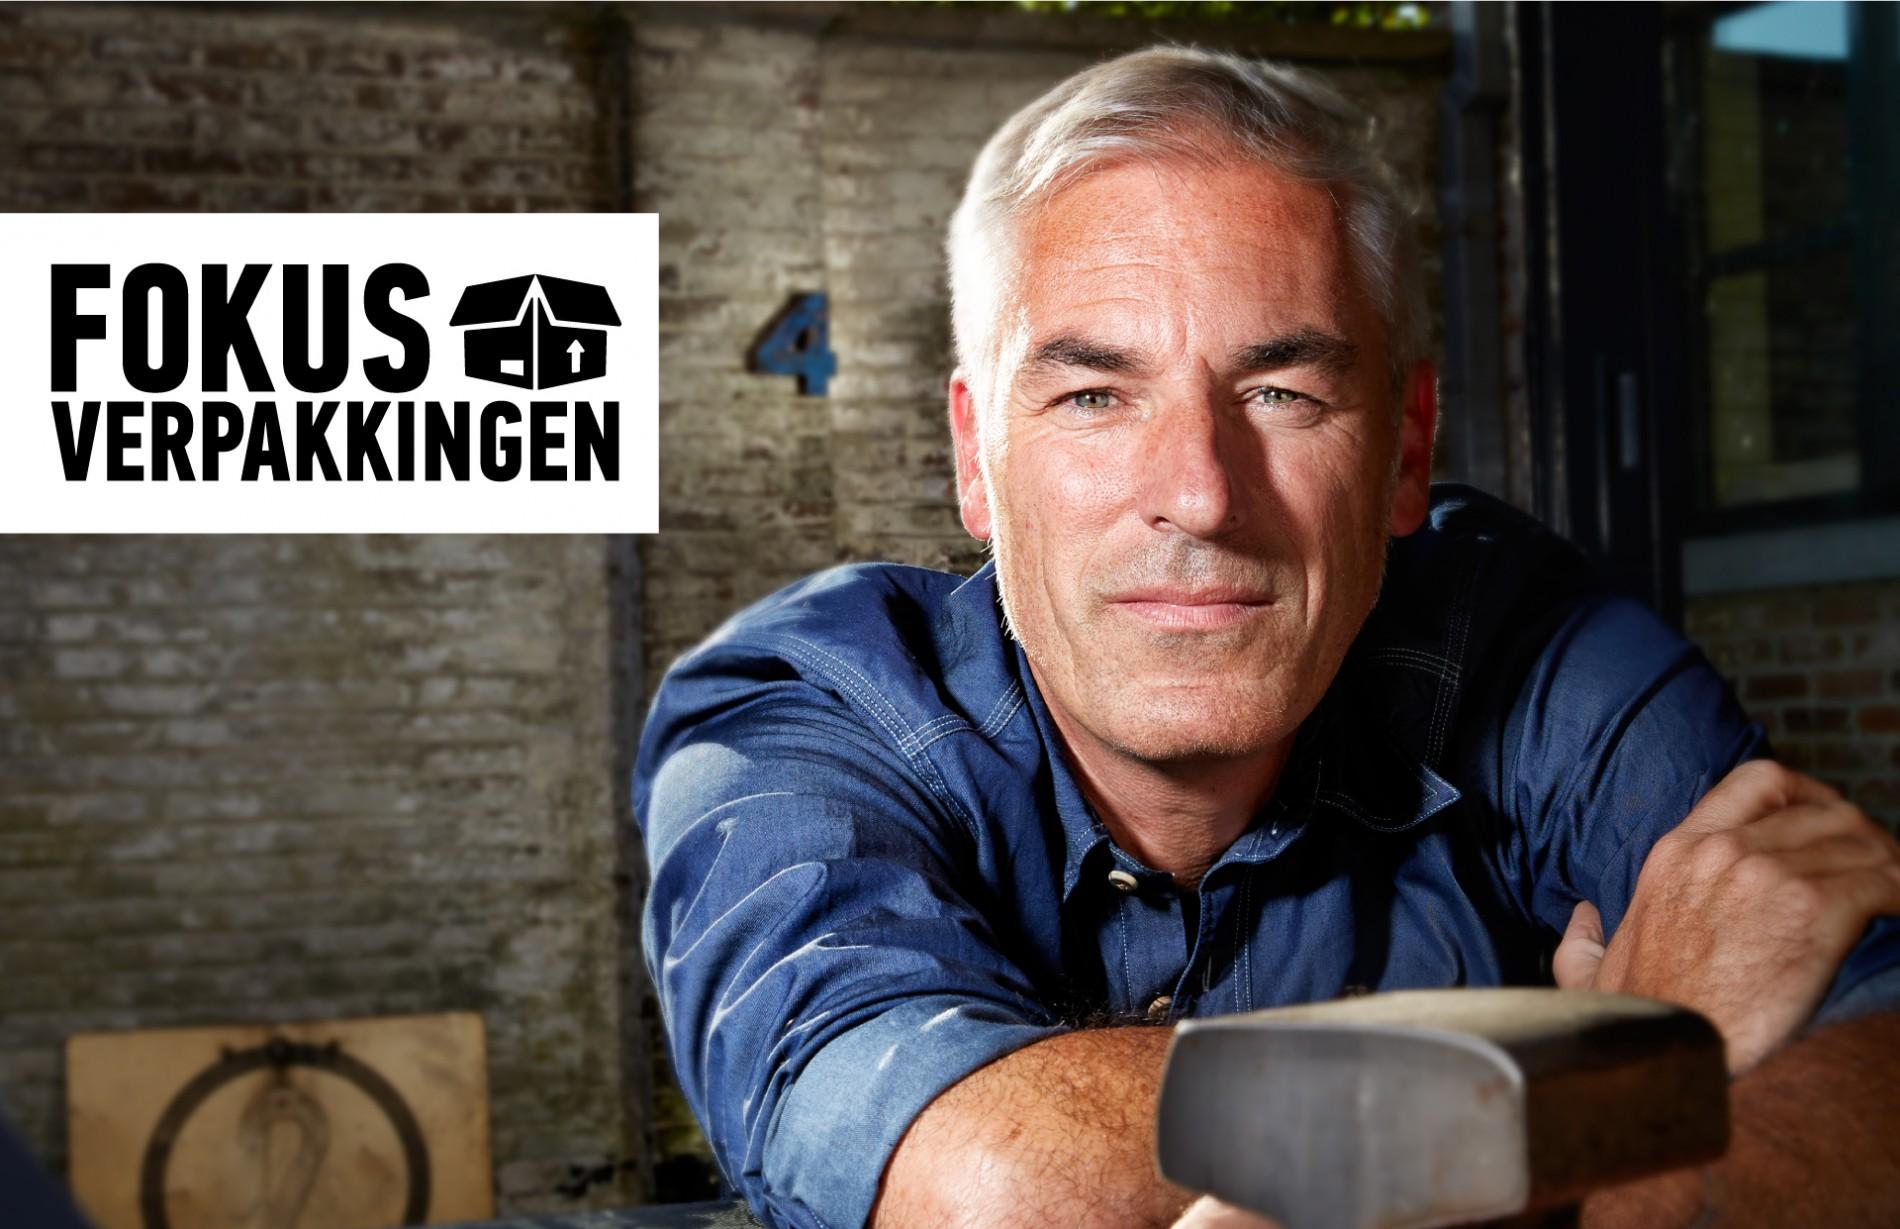 Quatre Mains package design - Fokus Verpakkingen, Patrick de Grande